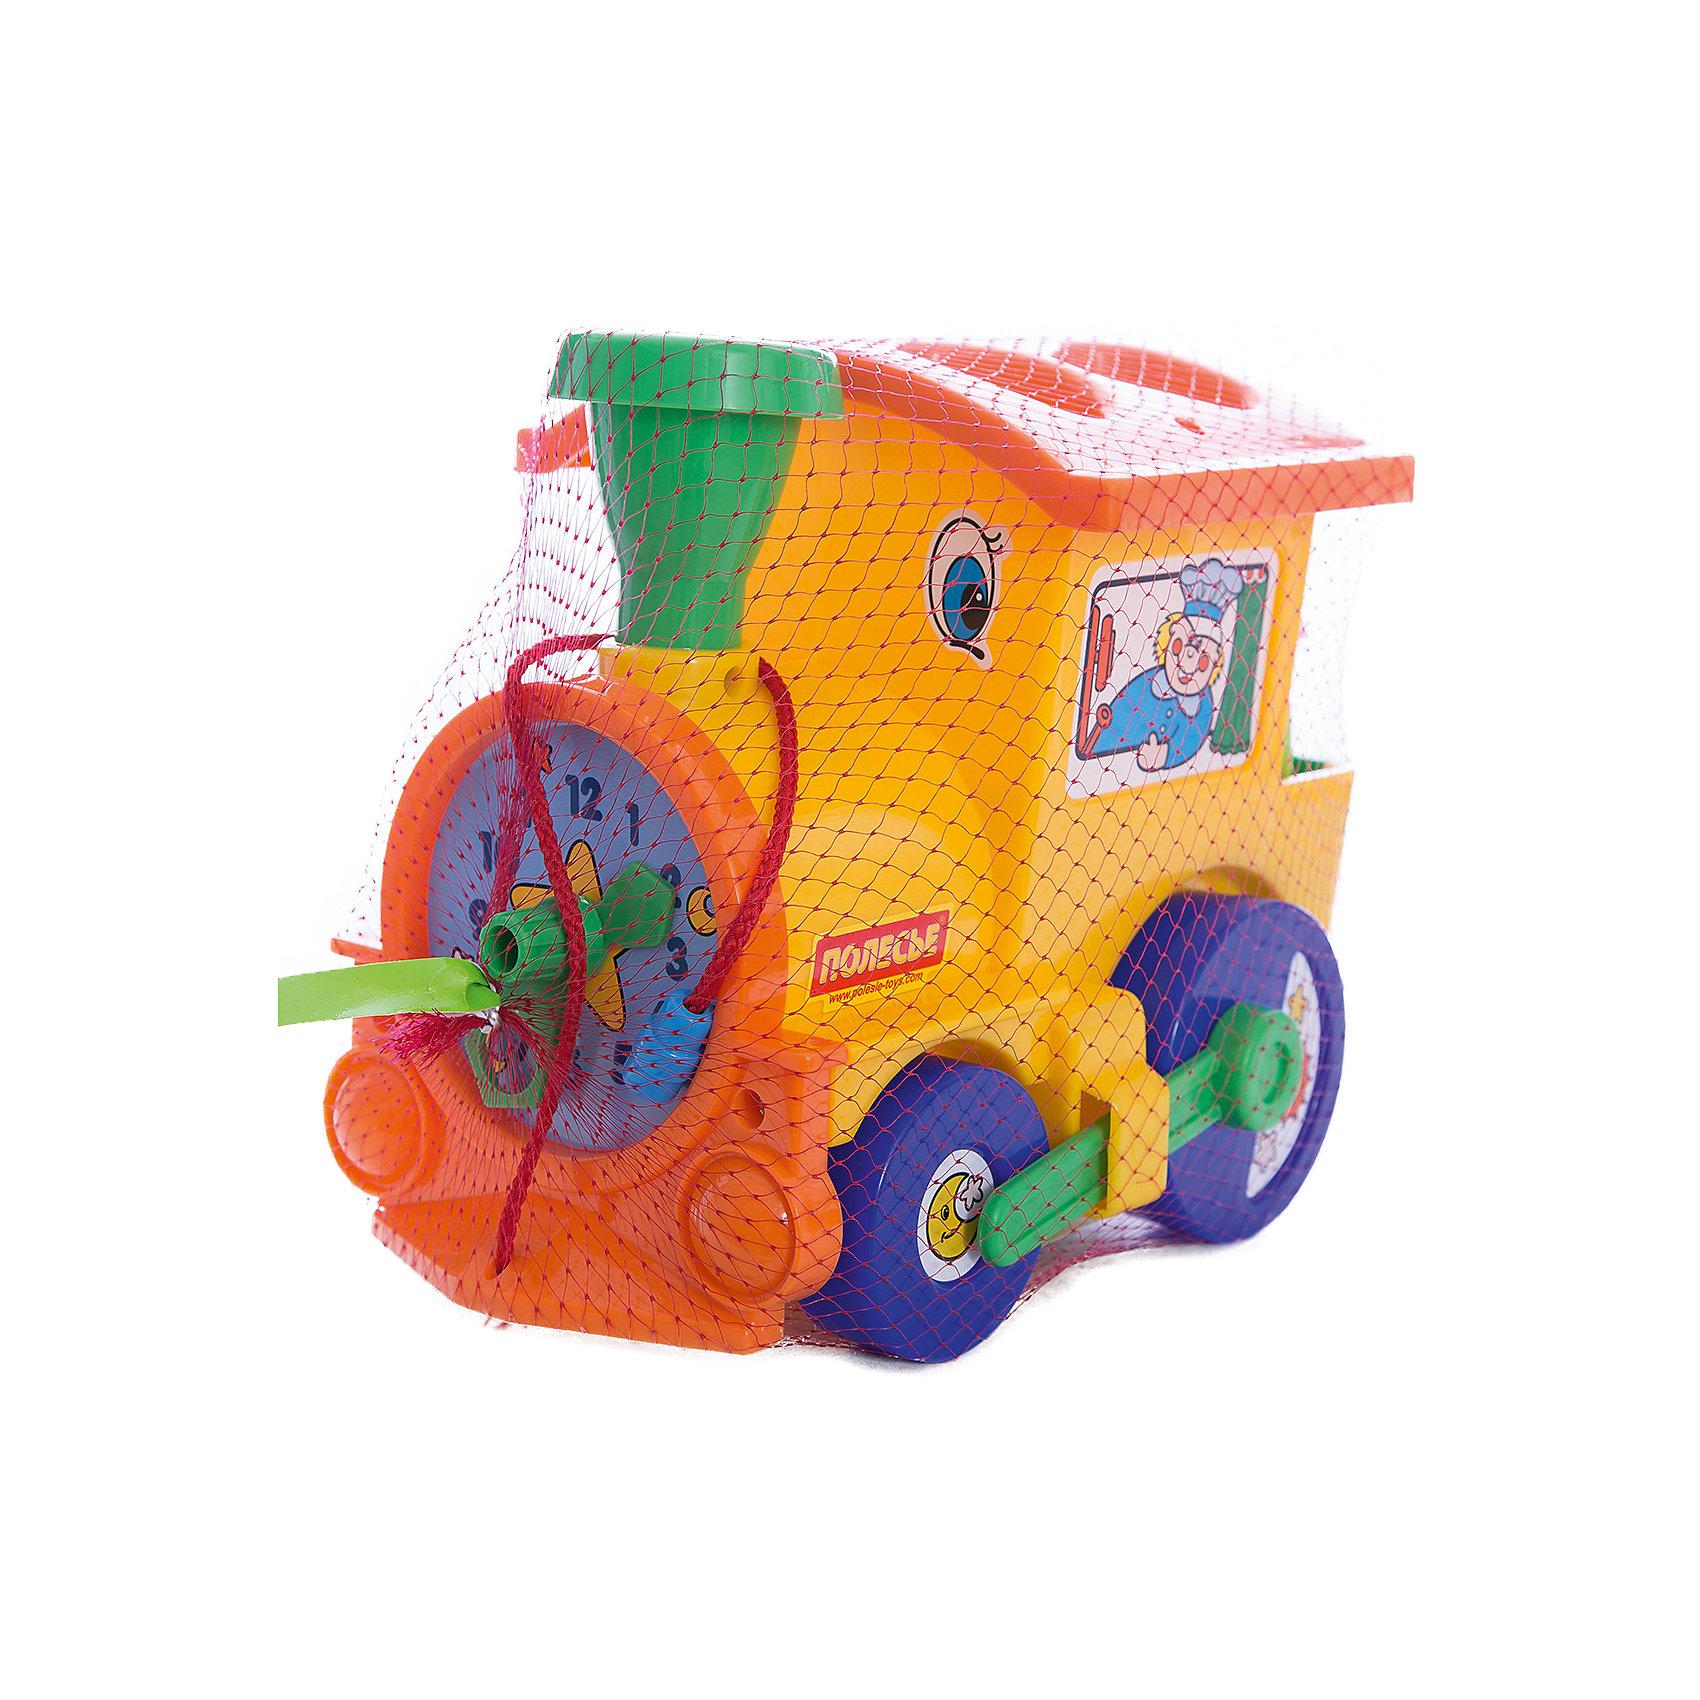 Занимательный паровозик, ПолесьеИгрушки для малышей<br>Занимательный паровозик, Полесье.<br><br>Характеристики:<br><br>- В комплекте: паровозик, шесть фигур, шесть наклеек<br>- Размер: 18x22x14 см.<br>- Длина шнурка: 27 см.<br>- Материал: прочный высококачественный пластик<br>- Упаковка: сетка<br><br>Занимательный паровозик от торговой марки Полесье является одновременно каталкой и сортером. В крыше паровозика имеется четыре отверстия для овала, круга, трапеции и треугольника. Также имеется ещё две фигурки – прямоугольник и пятиугольник, которые надеваются на специальные рельефные выступы, которые находятся в тендере паровозика. Все представленные фигурки разноцветные. Паровозик имеет радужную окраску, жёлтый корпус, оранжевую крышу, синие колёса и зелёную трубу. Паровоз ведут наклеенный машинист и его помощник. А сам паровоз смотрит на мир широко раскрытыми наклеенными глазами. Впереди у паровозика часики с подвижными стрелками. Две стрелки паровозика крутятся одновременно, а на большой стрелке имеется круглое окошечко, в котором можно увидеть цифру, на которой остановится стрелка. В игровой комплект входит шесть наклеек для фигурок, кораблик, месяц, пальма, остров, месяц со звездами и солнце. К задним колесам прикреплен поршень, который движется во время езды как у настоящего паровоза. С такой игрушкой не соскучишься. Ваш малыш научится определять время, выучит названия цветов и геометрические формы, разовьёт пространственное мышление, воображение, логику или просто будет катать яркий паровозик за веревочку.<br><br>Занимательный паровозик, Полесье можно купить в нашем интернет-магазине.<br><br>Ширина мм: 220<br>Глубина мм: 150<br>Высота мм: 185<br>Вес г: 460<br>Возраст от месяцев: 12<br>Возраст до месяцев: 36<br>Пол: Унисекс<br>Возраст: Детский<br>SKU: 4763419